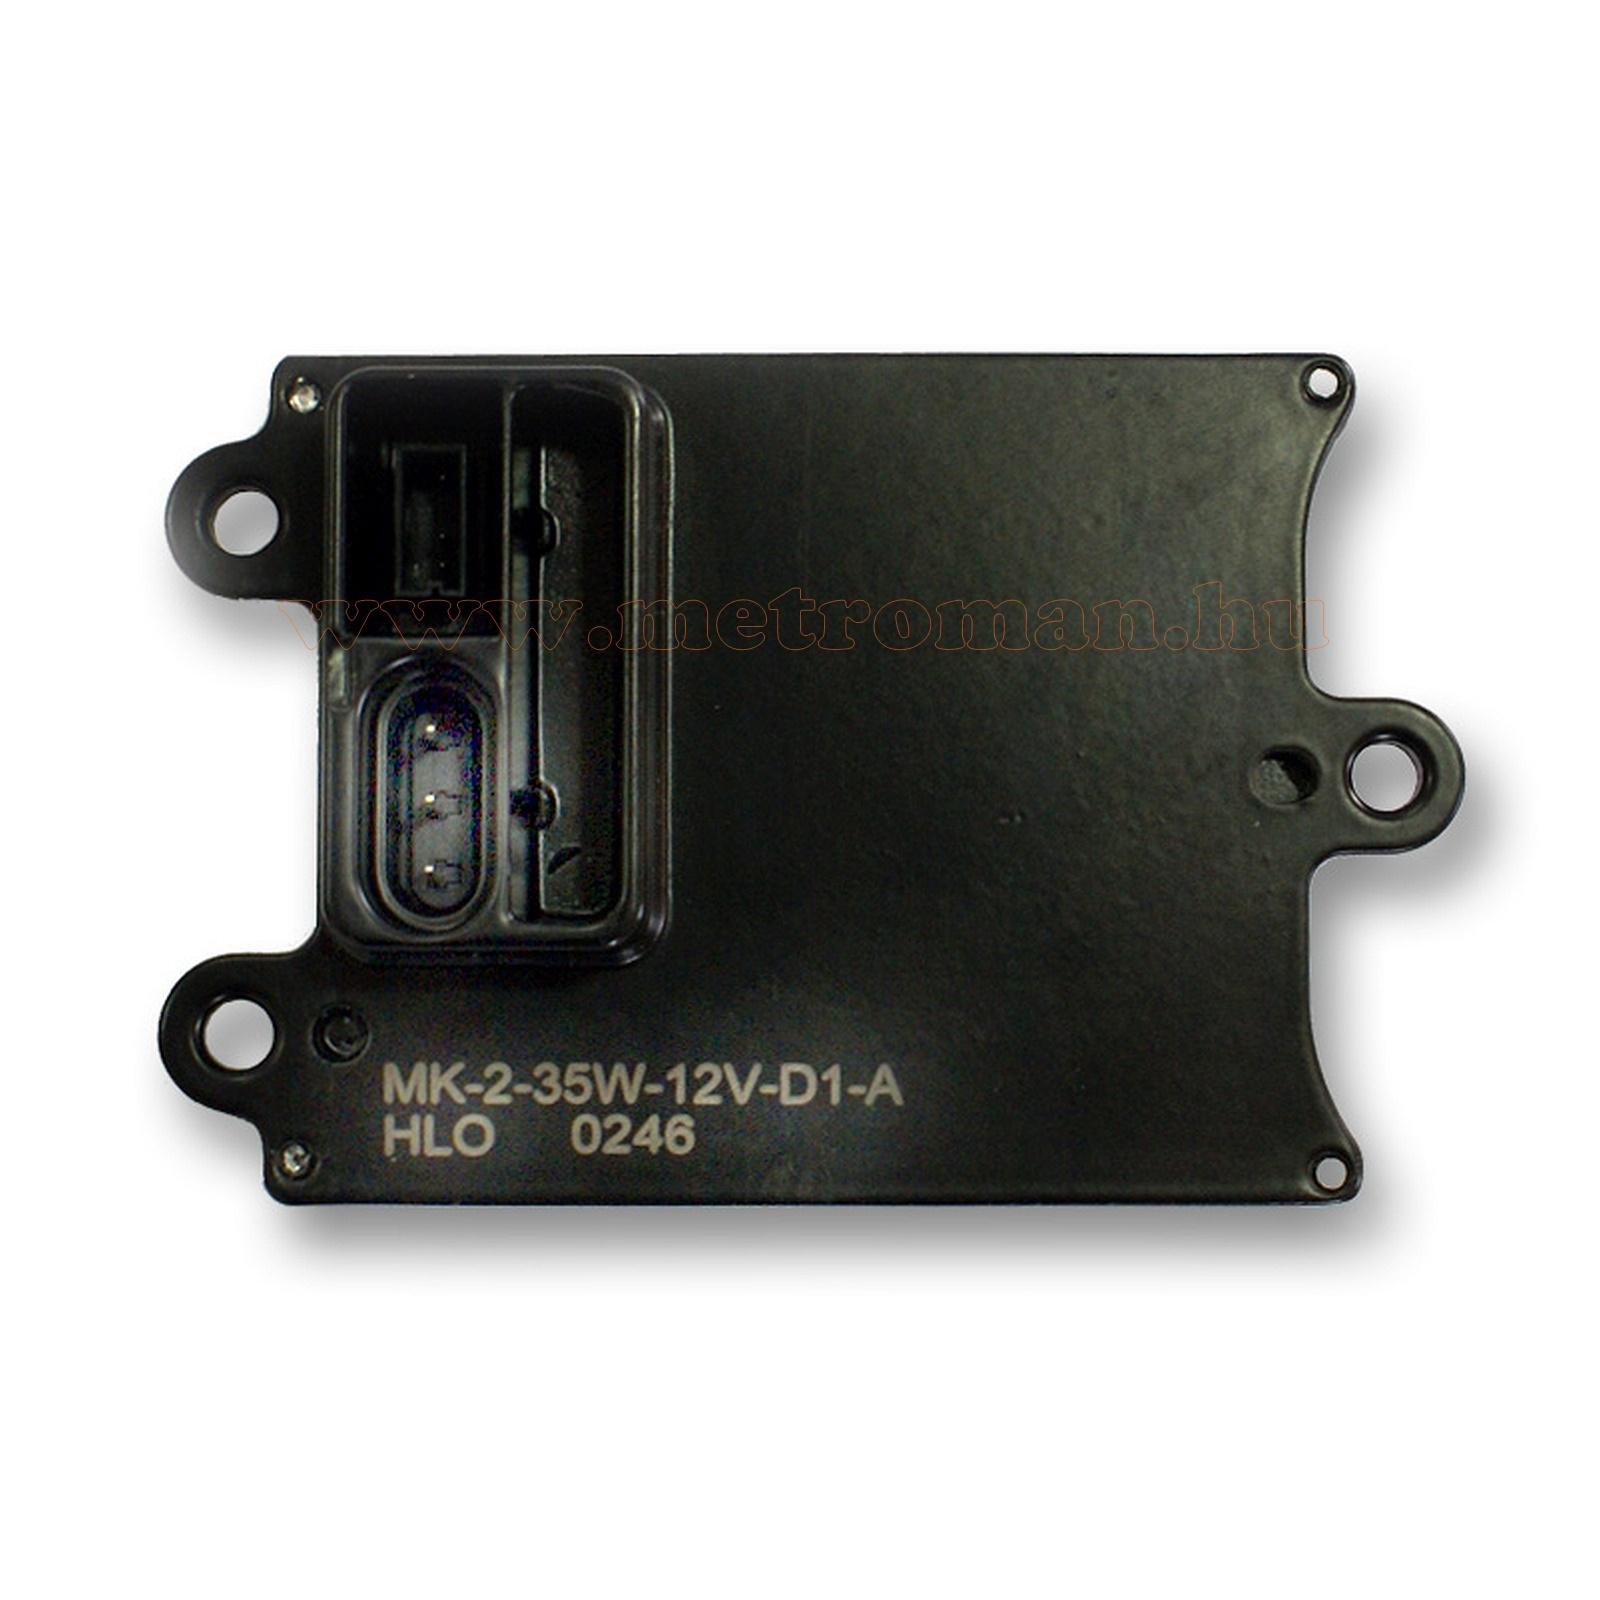 Utángyártott Xenon trafó, PHILIPS XLD 144 XLD144 D1S-D1R kompatibilis